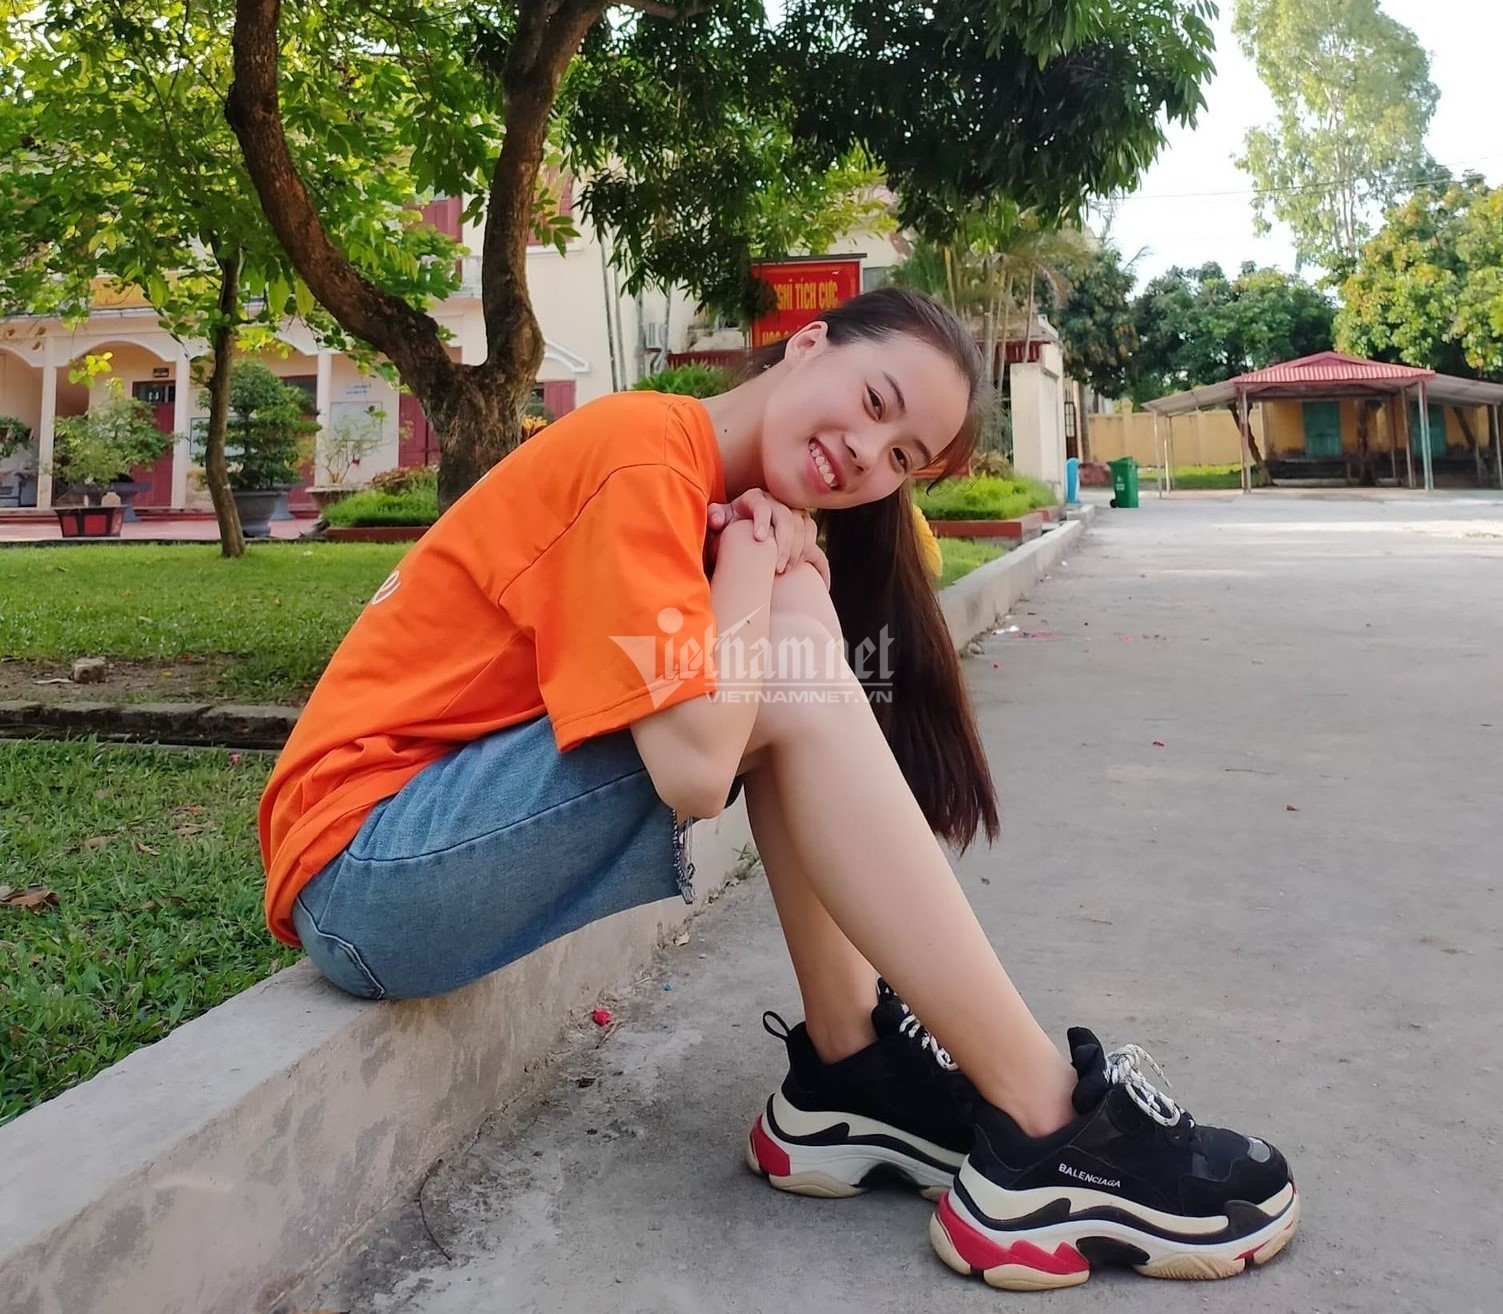 Nữ sinh Nam Định đạt điểm 10 bài thi tốt nghiệp môn Ngữ văn